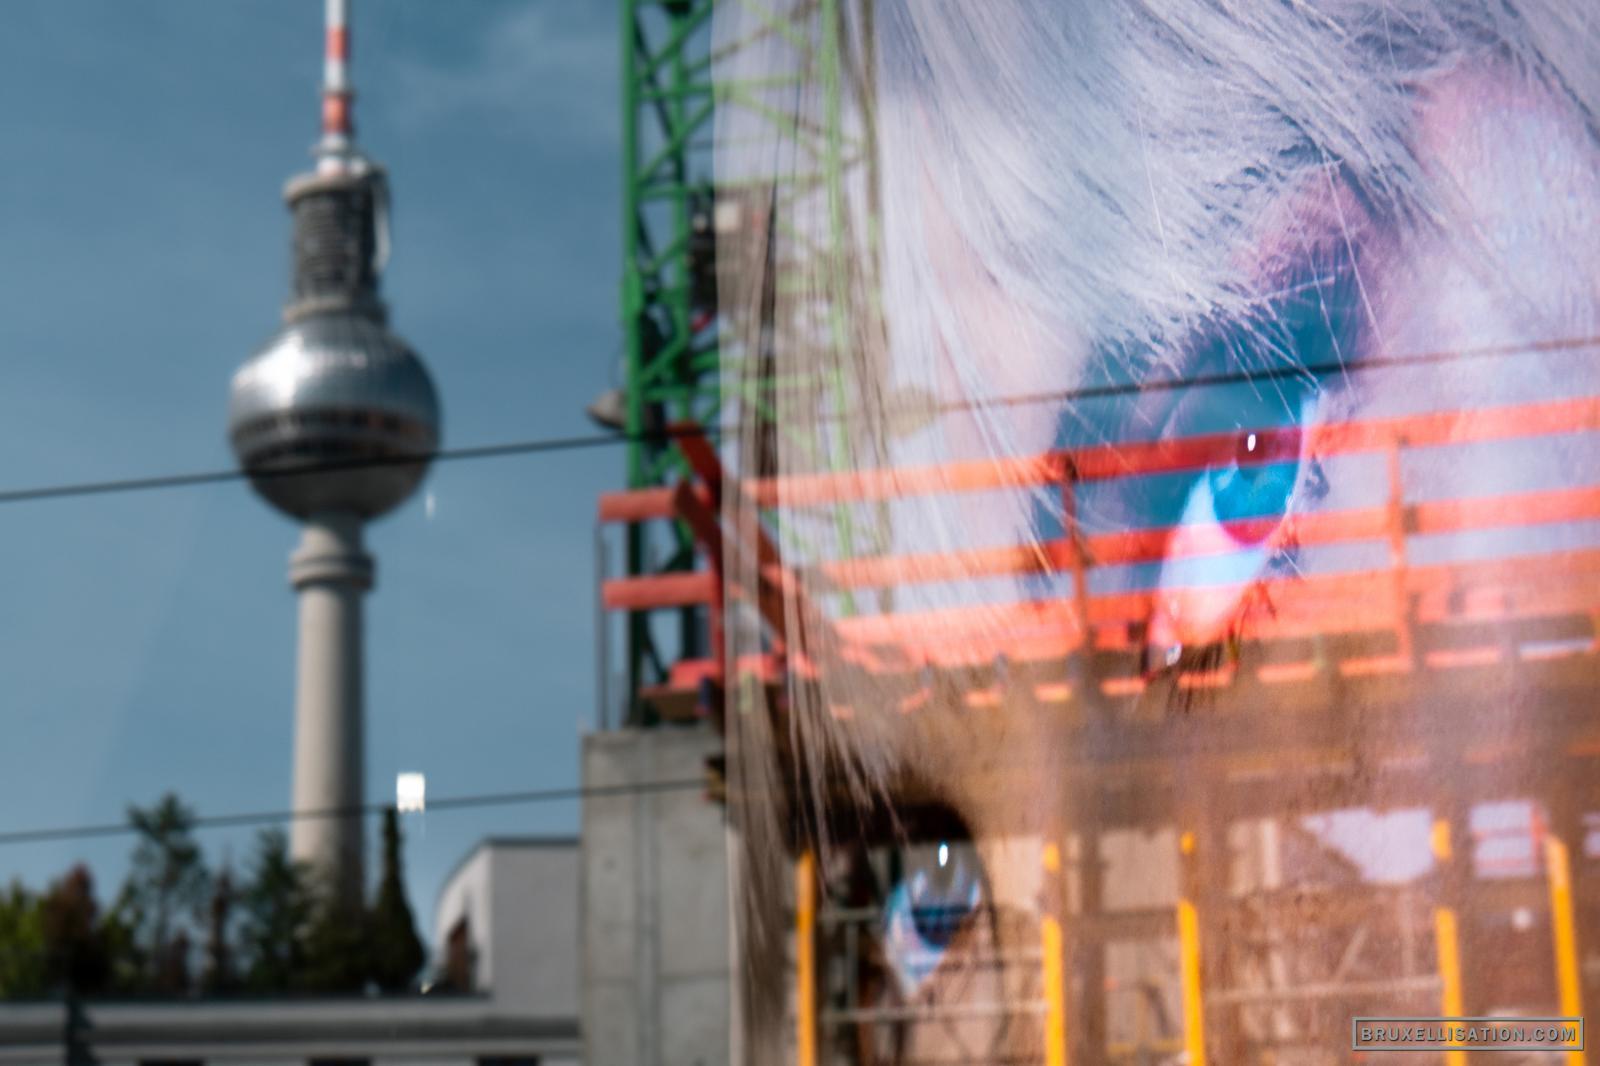 Berlin, Germany, July 2020